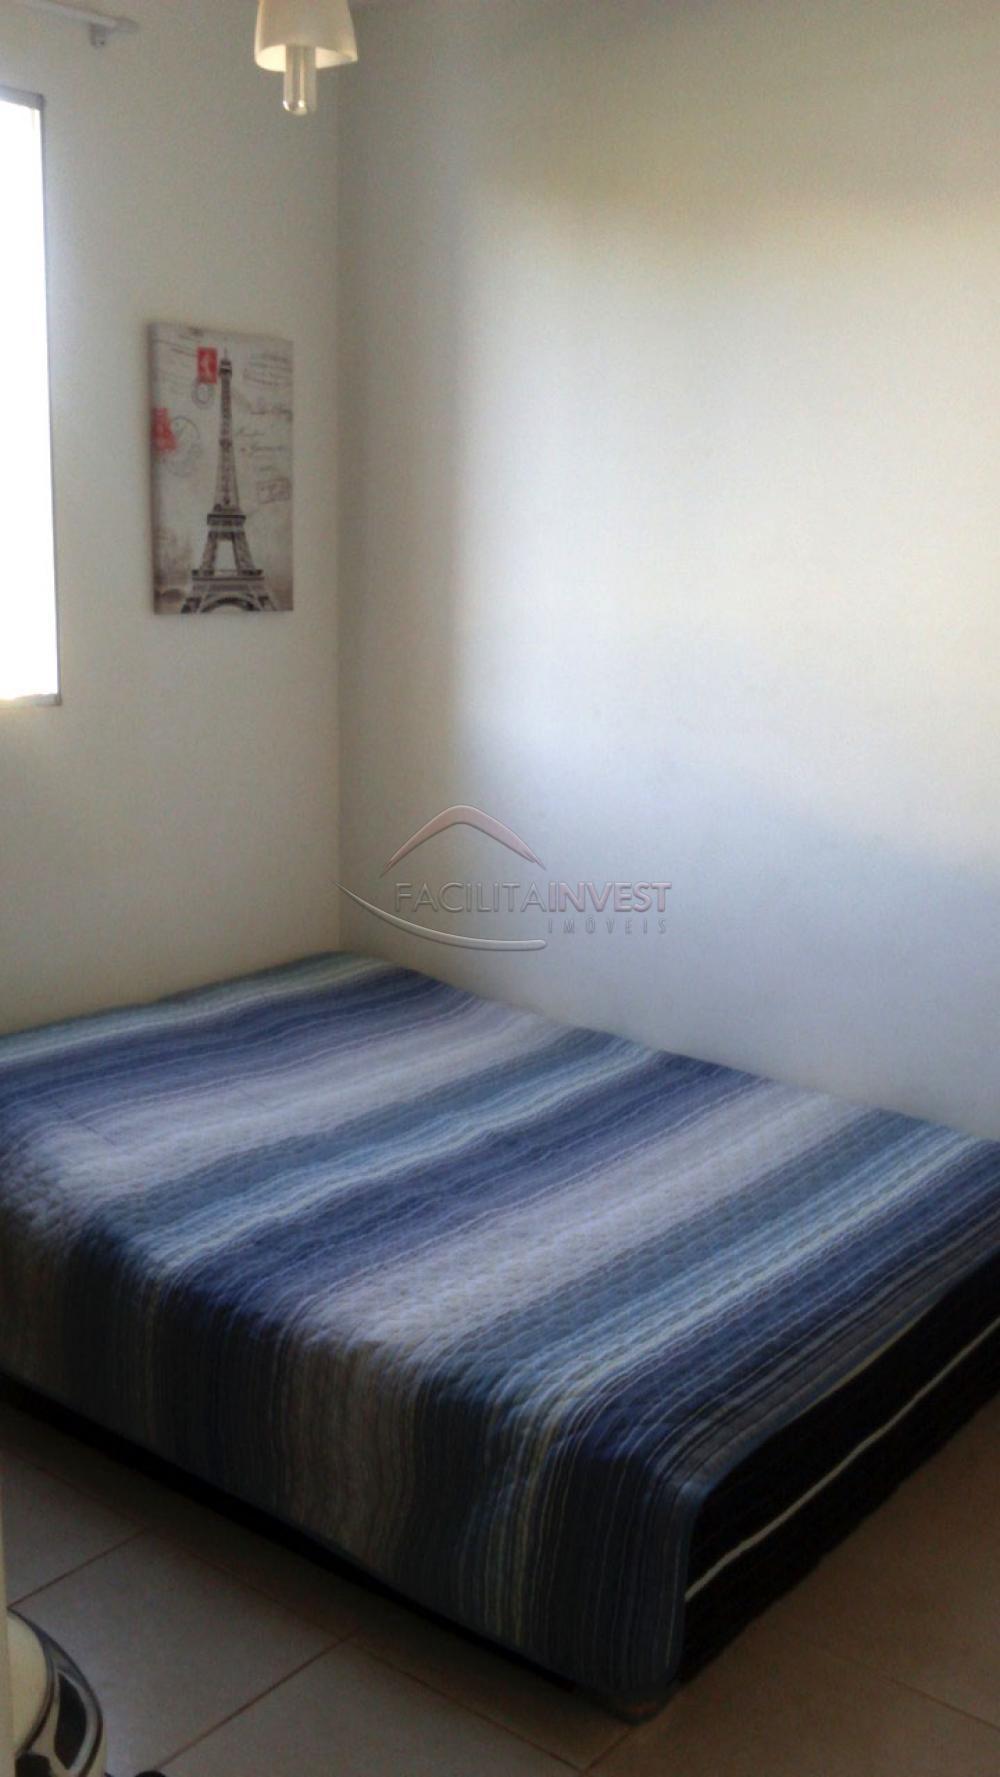 Comprar Apartamentos / Apart. Padrão em Ribeirão Preto apenas R$ 170.000,00 - Foto 8